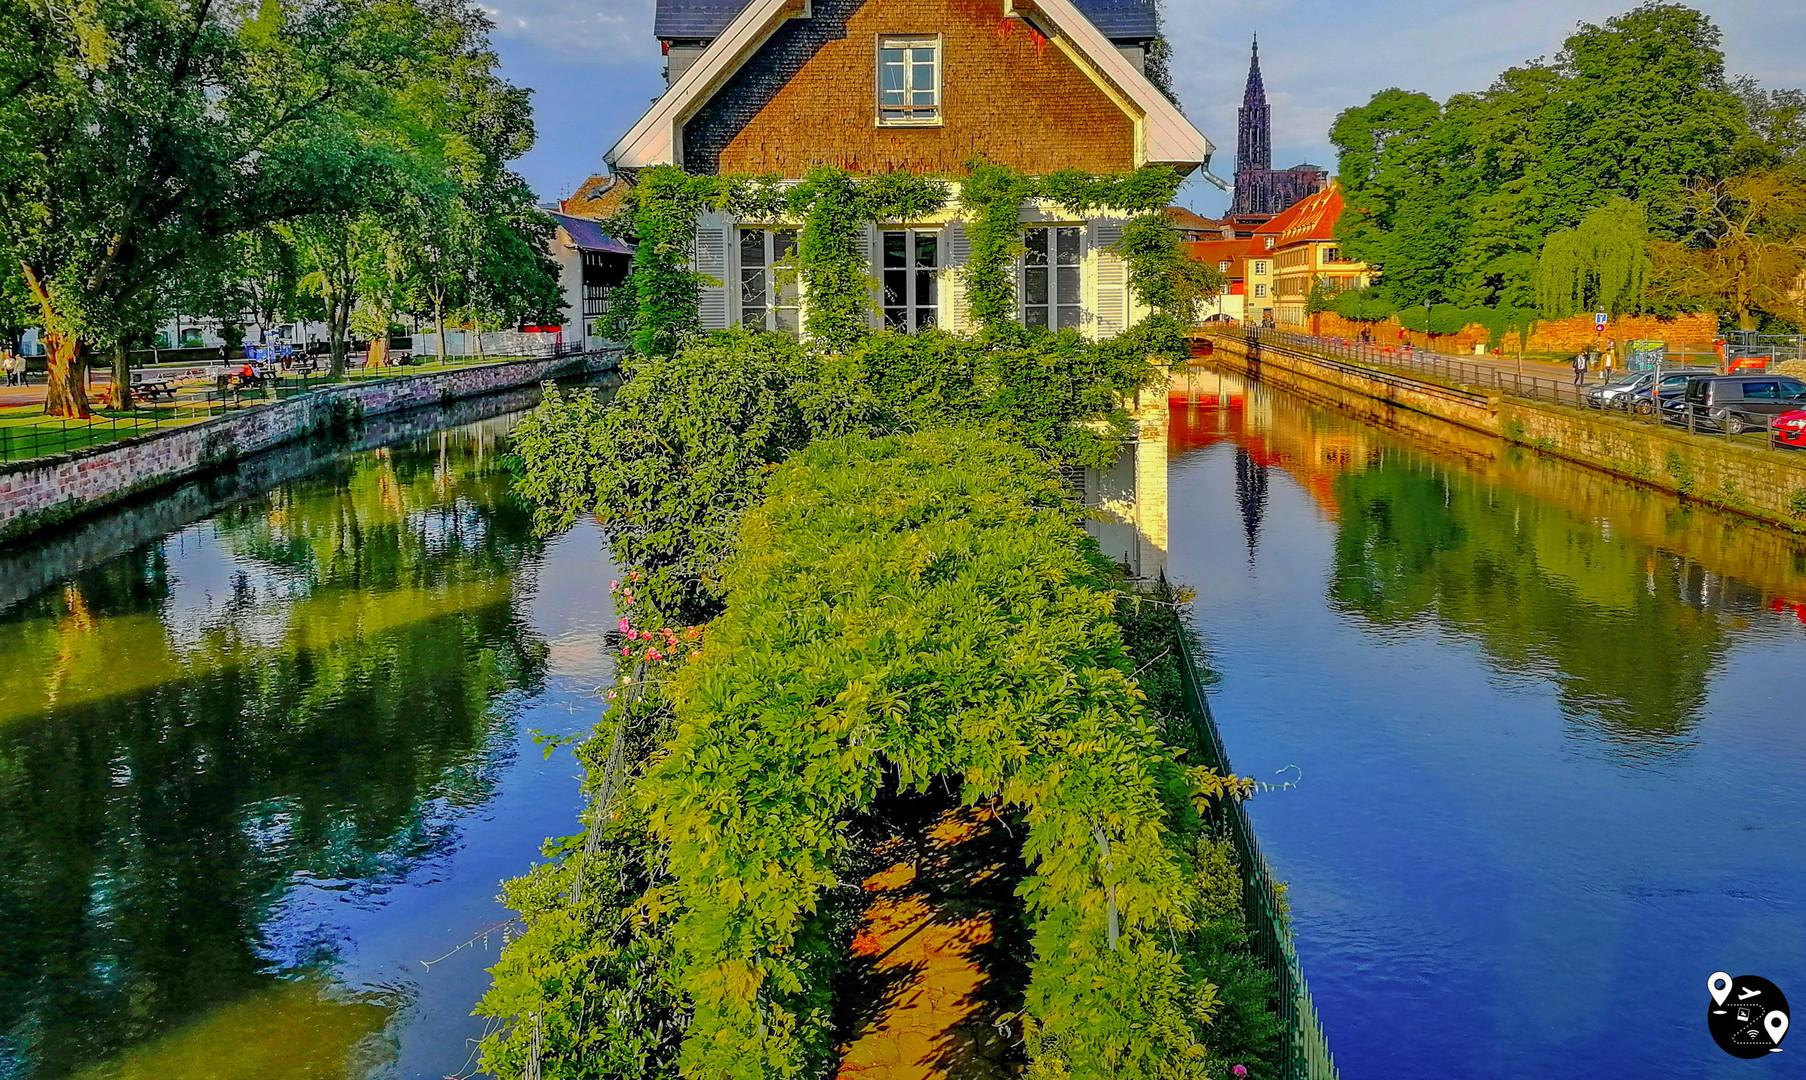 Каналы Маленькой Франции, Страсбург